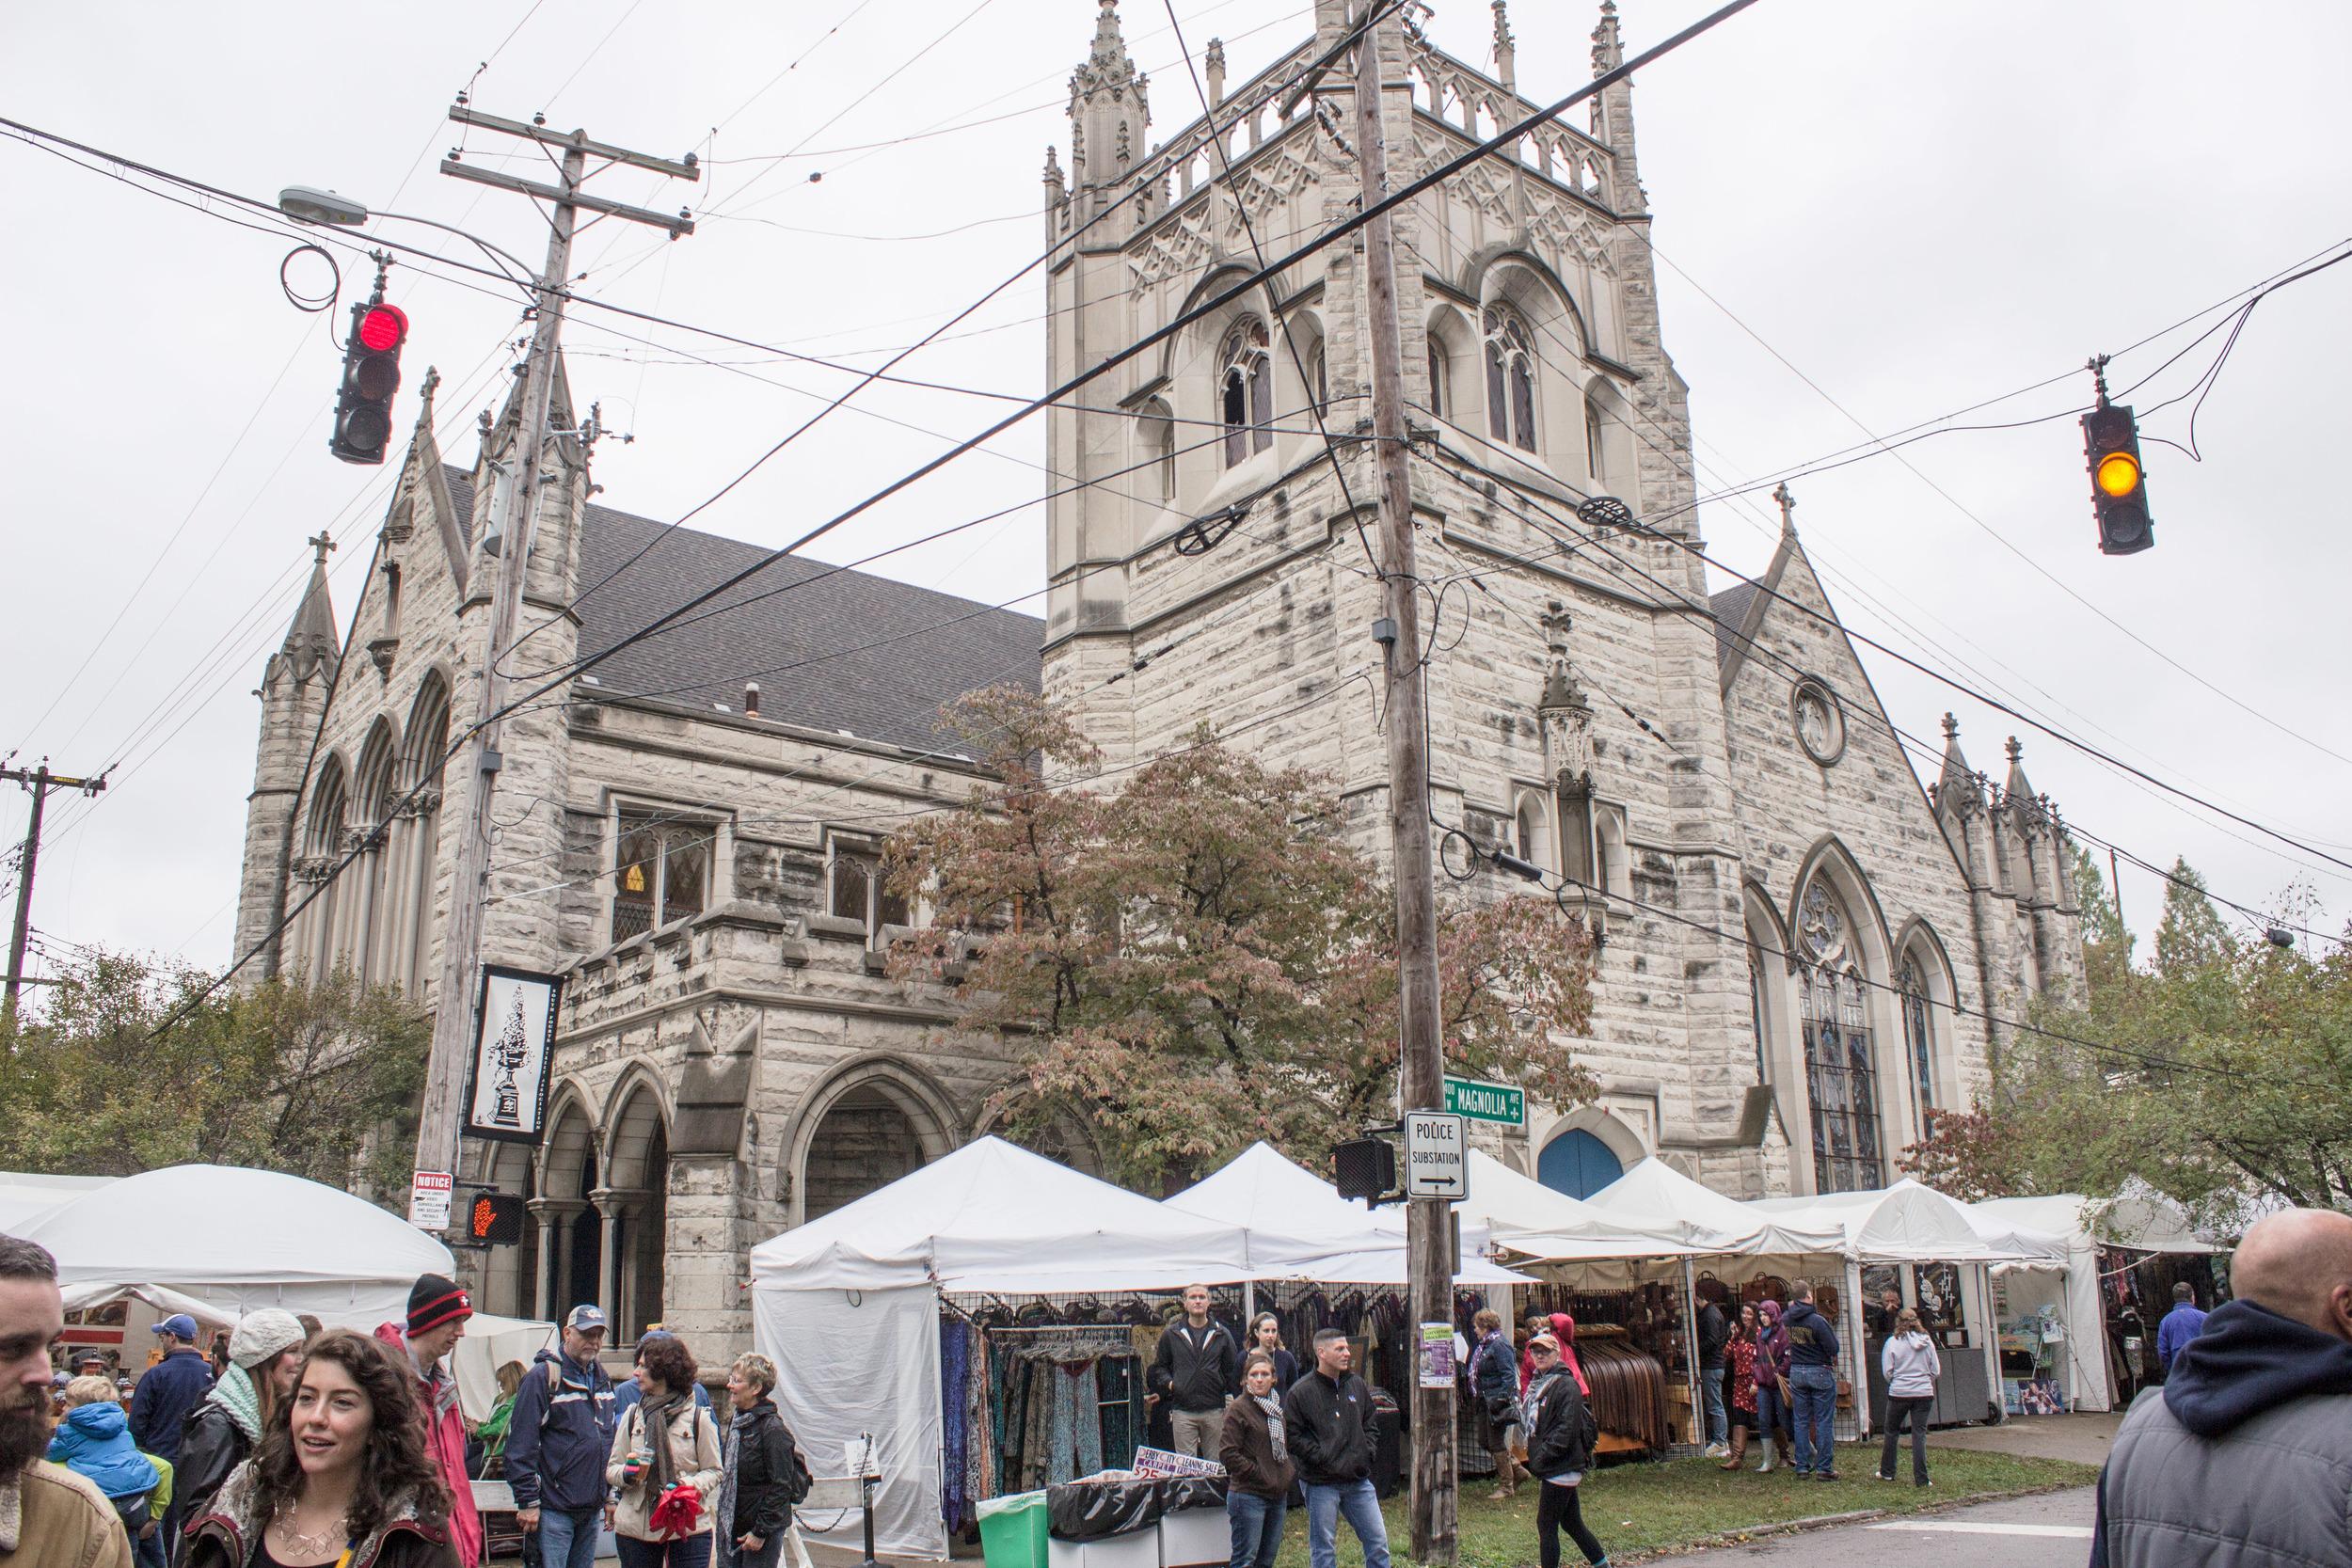 St. James Court Art Festival, the largest art festival in Kentucky!